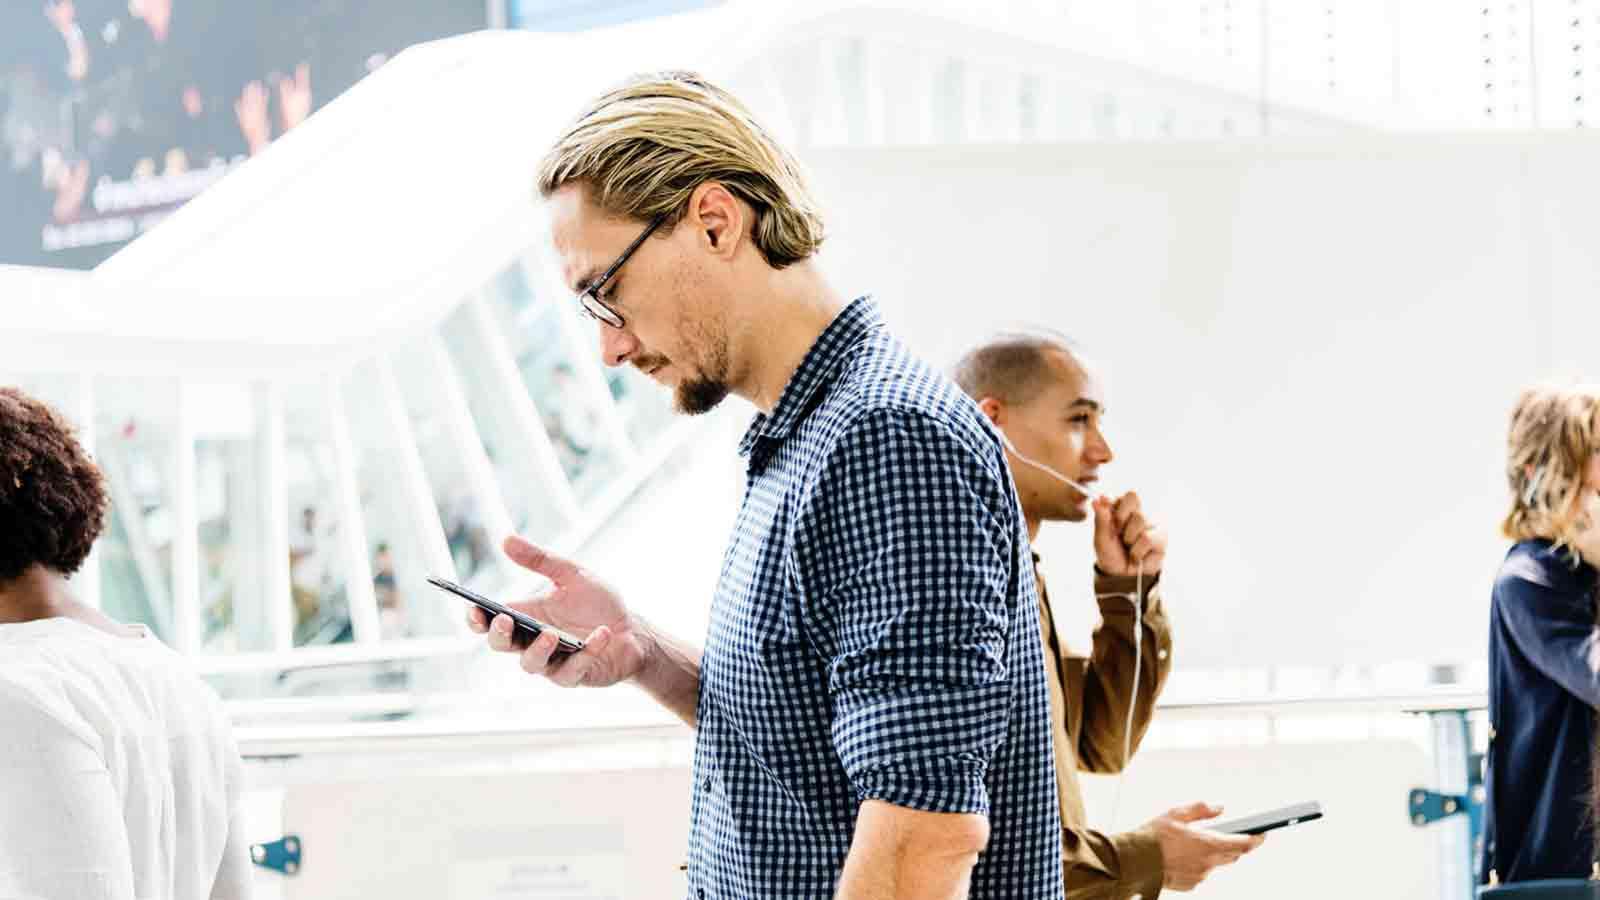 Sınav Döneminde 5 Adımda Telefon Bağımlılığından Kurtulma Yolu